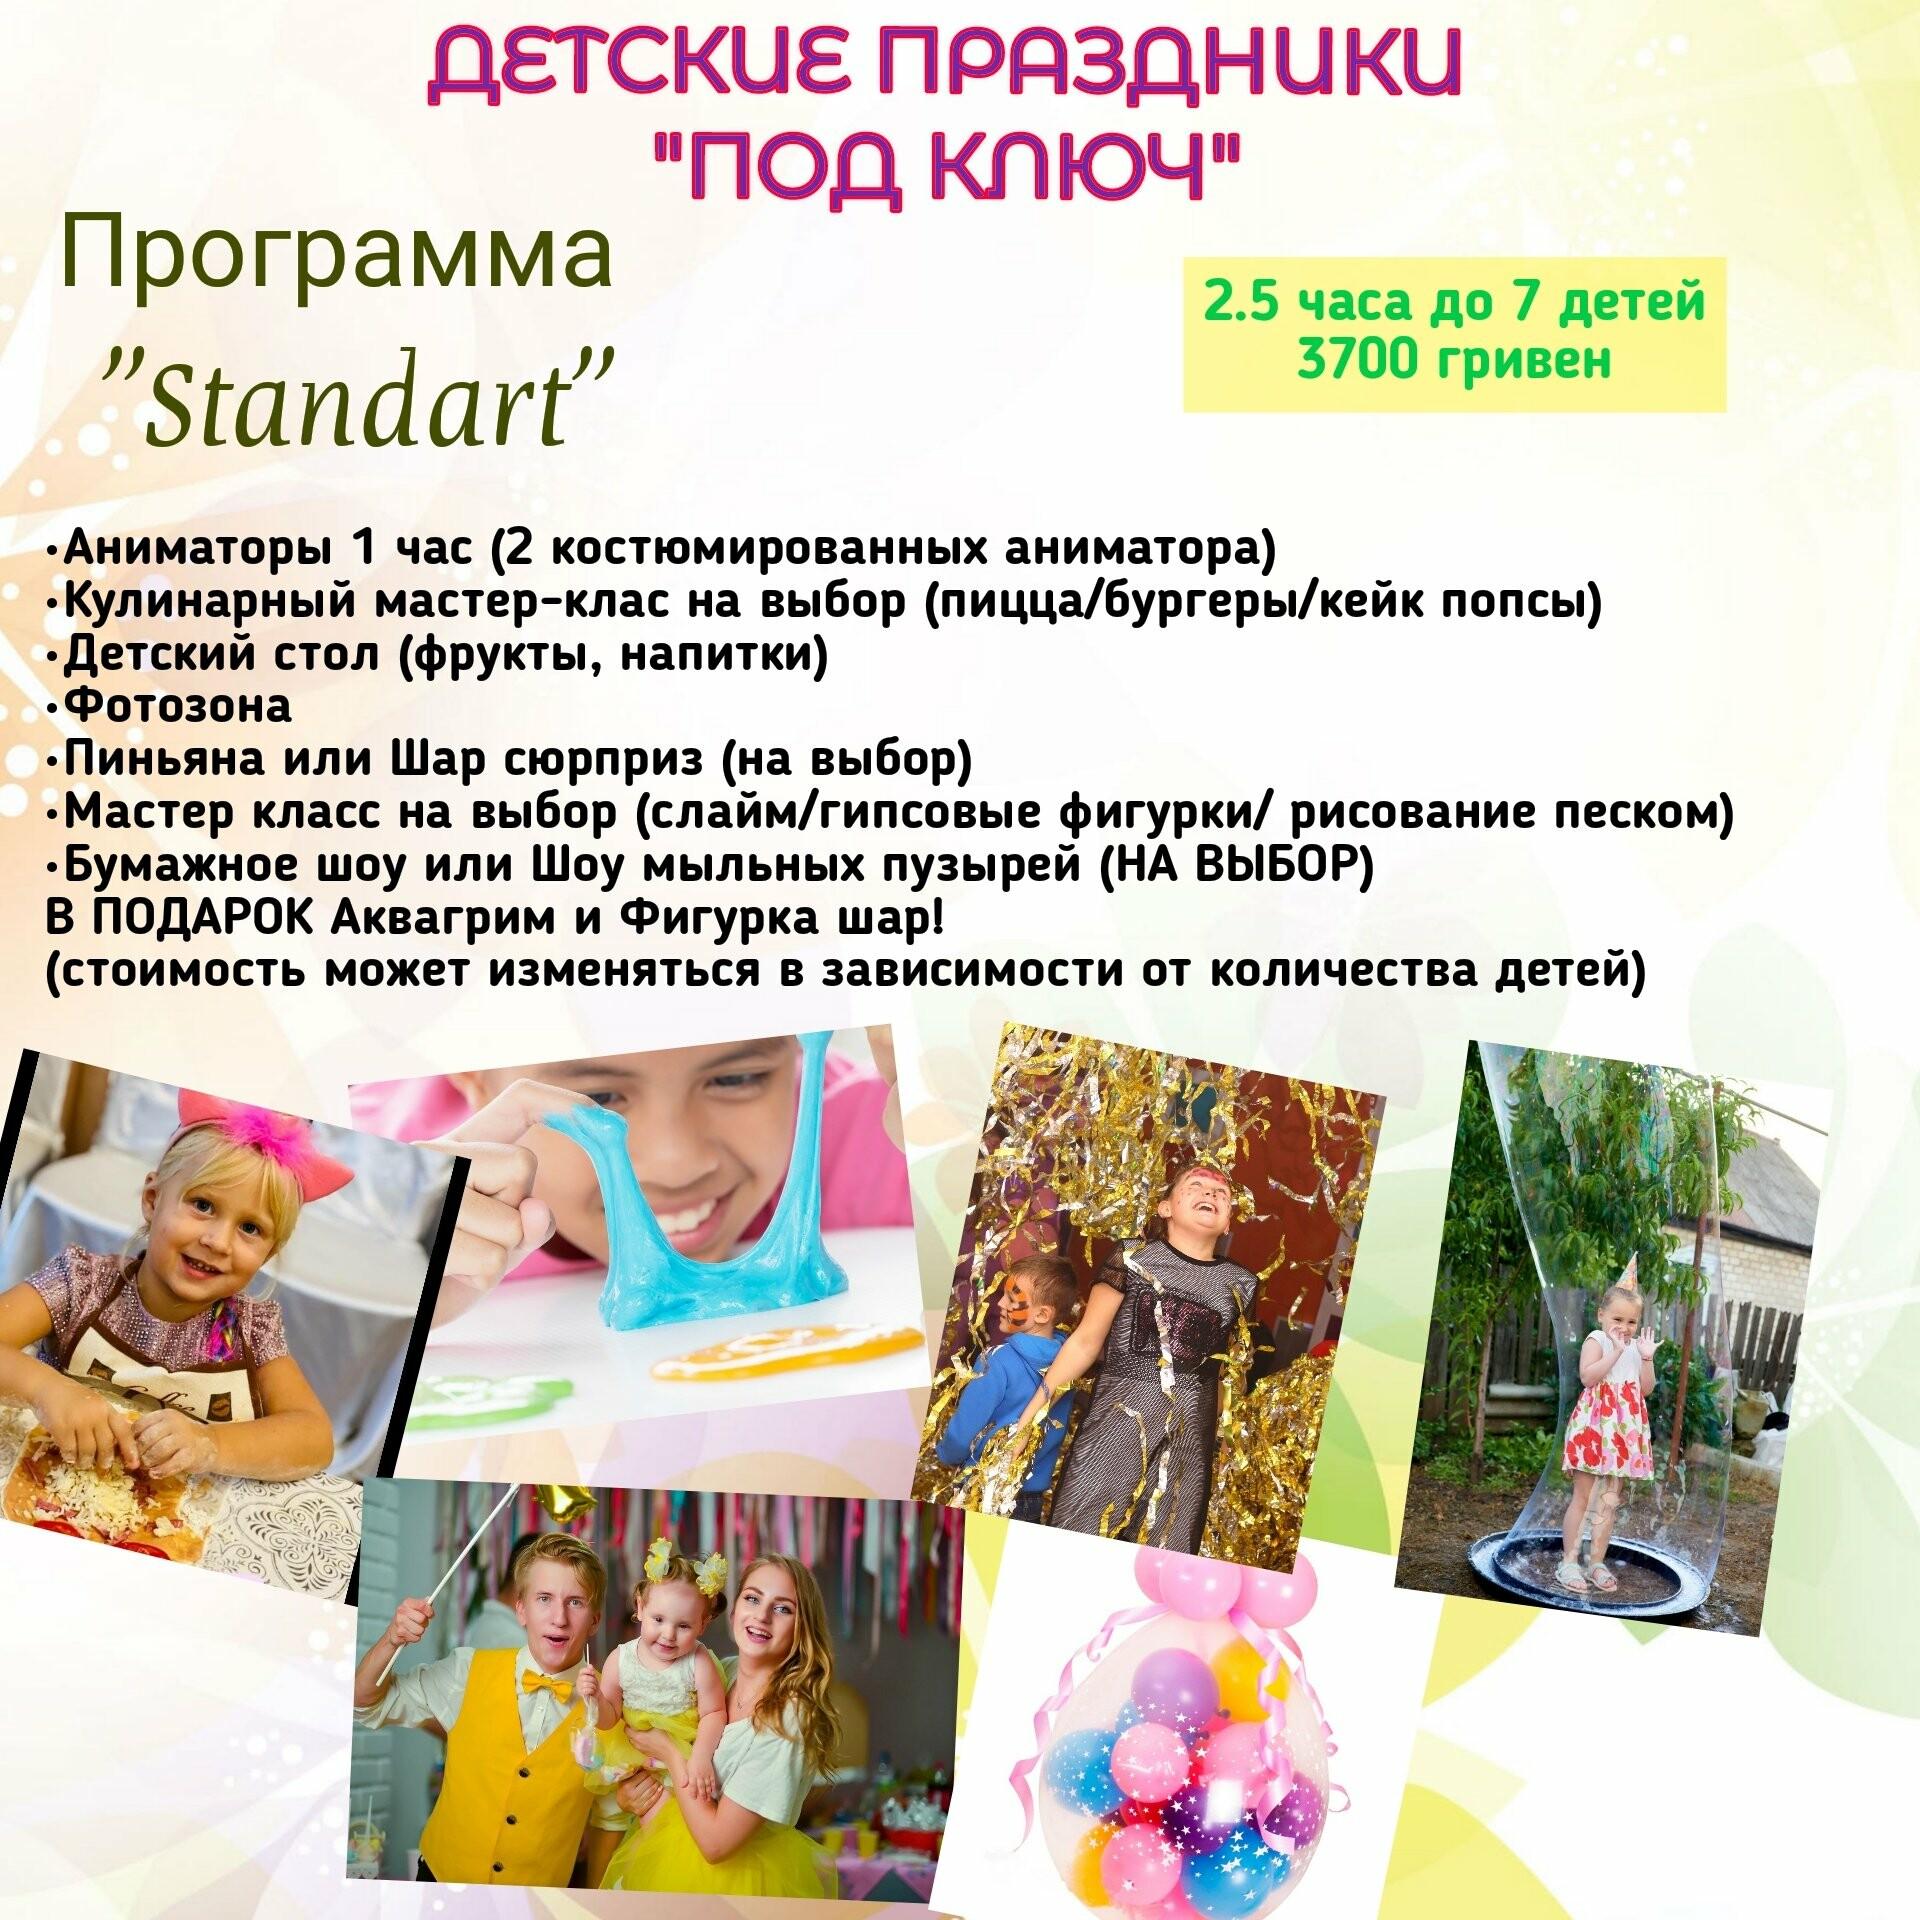 Детский день рождения в Запорожье, выпускной в Запорожье, праздник для именинника в Запорожье только у нас - ресторанный комплекс Раут г...., фото-4